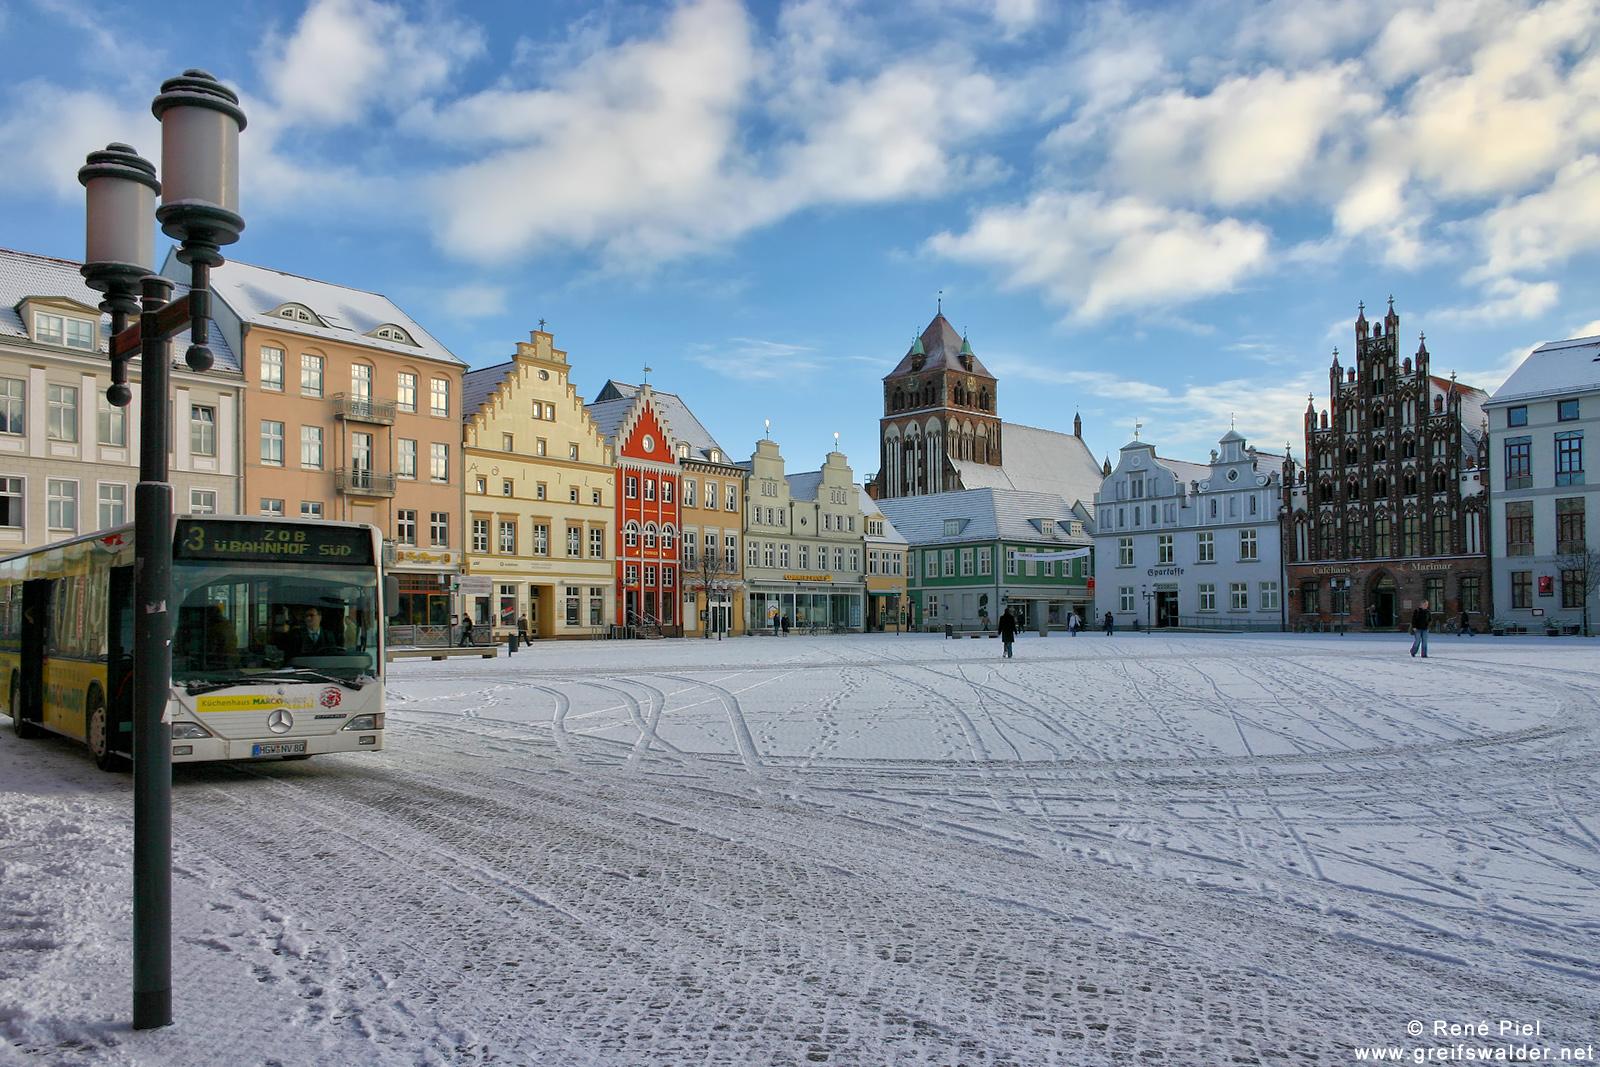 Marktplatz Greifswald im Winter 2006